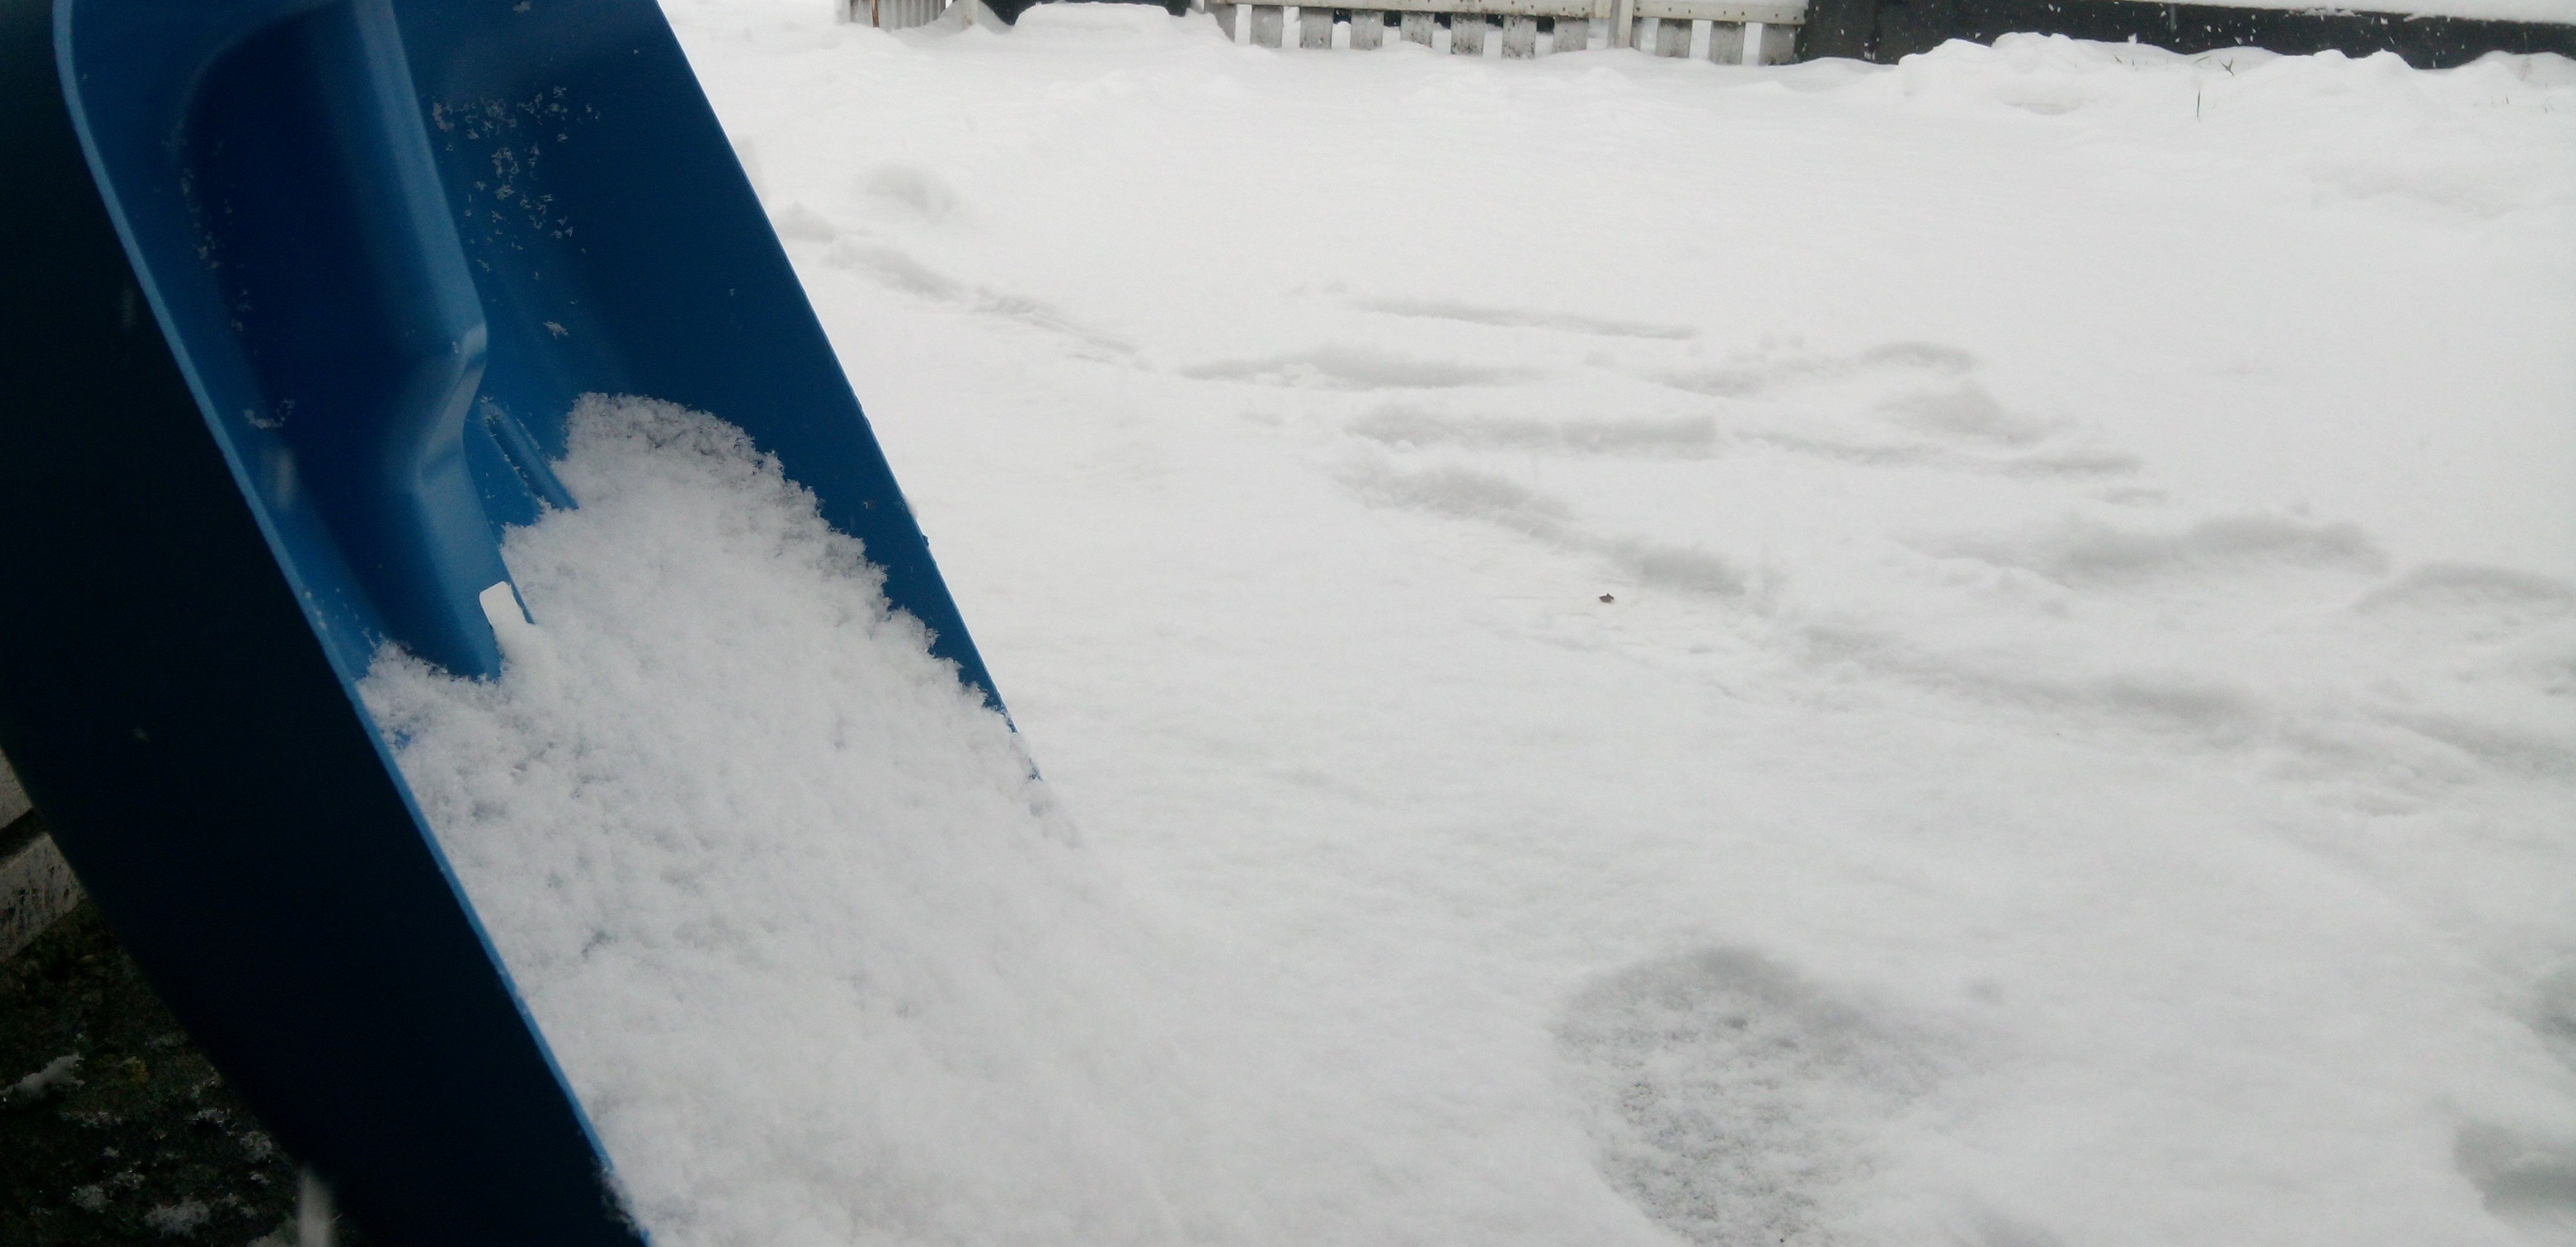 Komoly havazás volt Szombathelyen